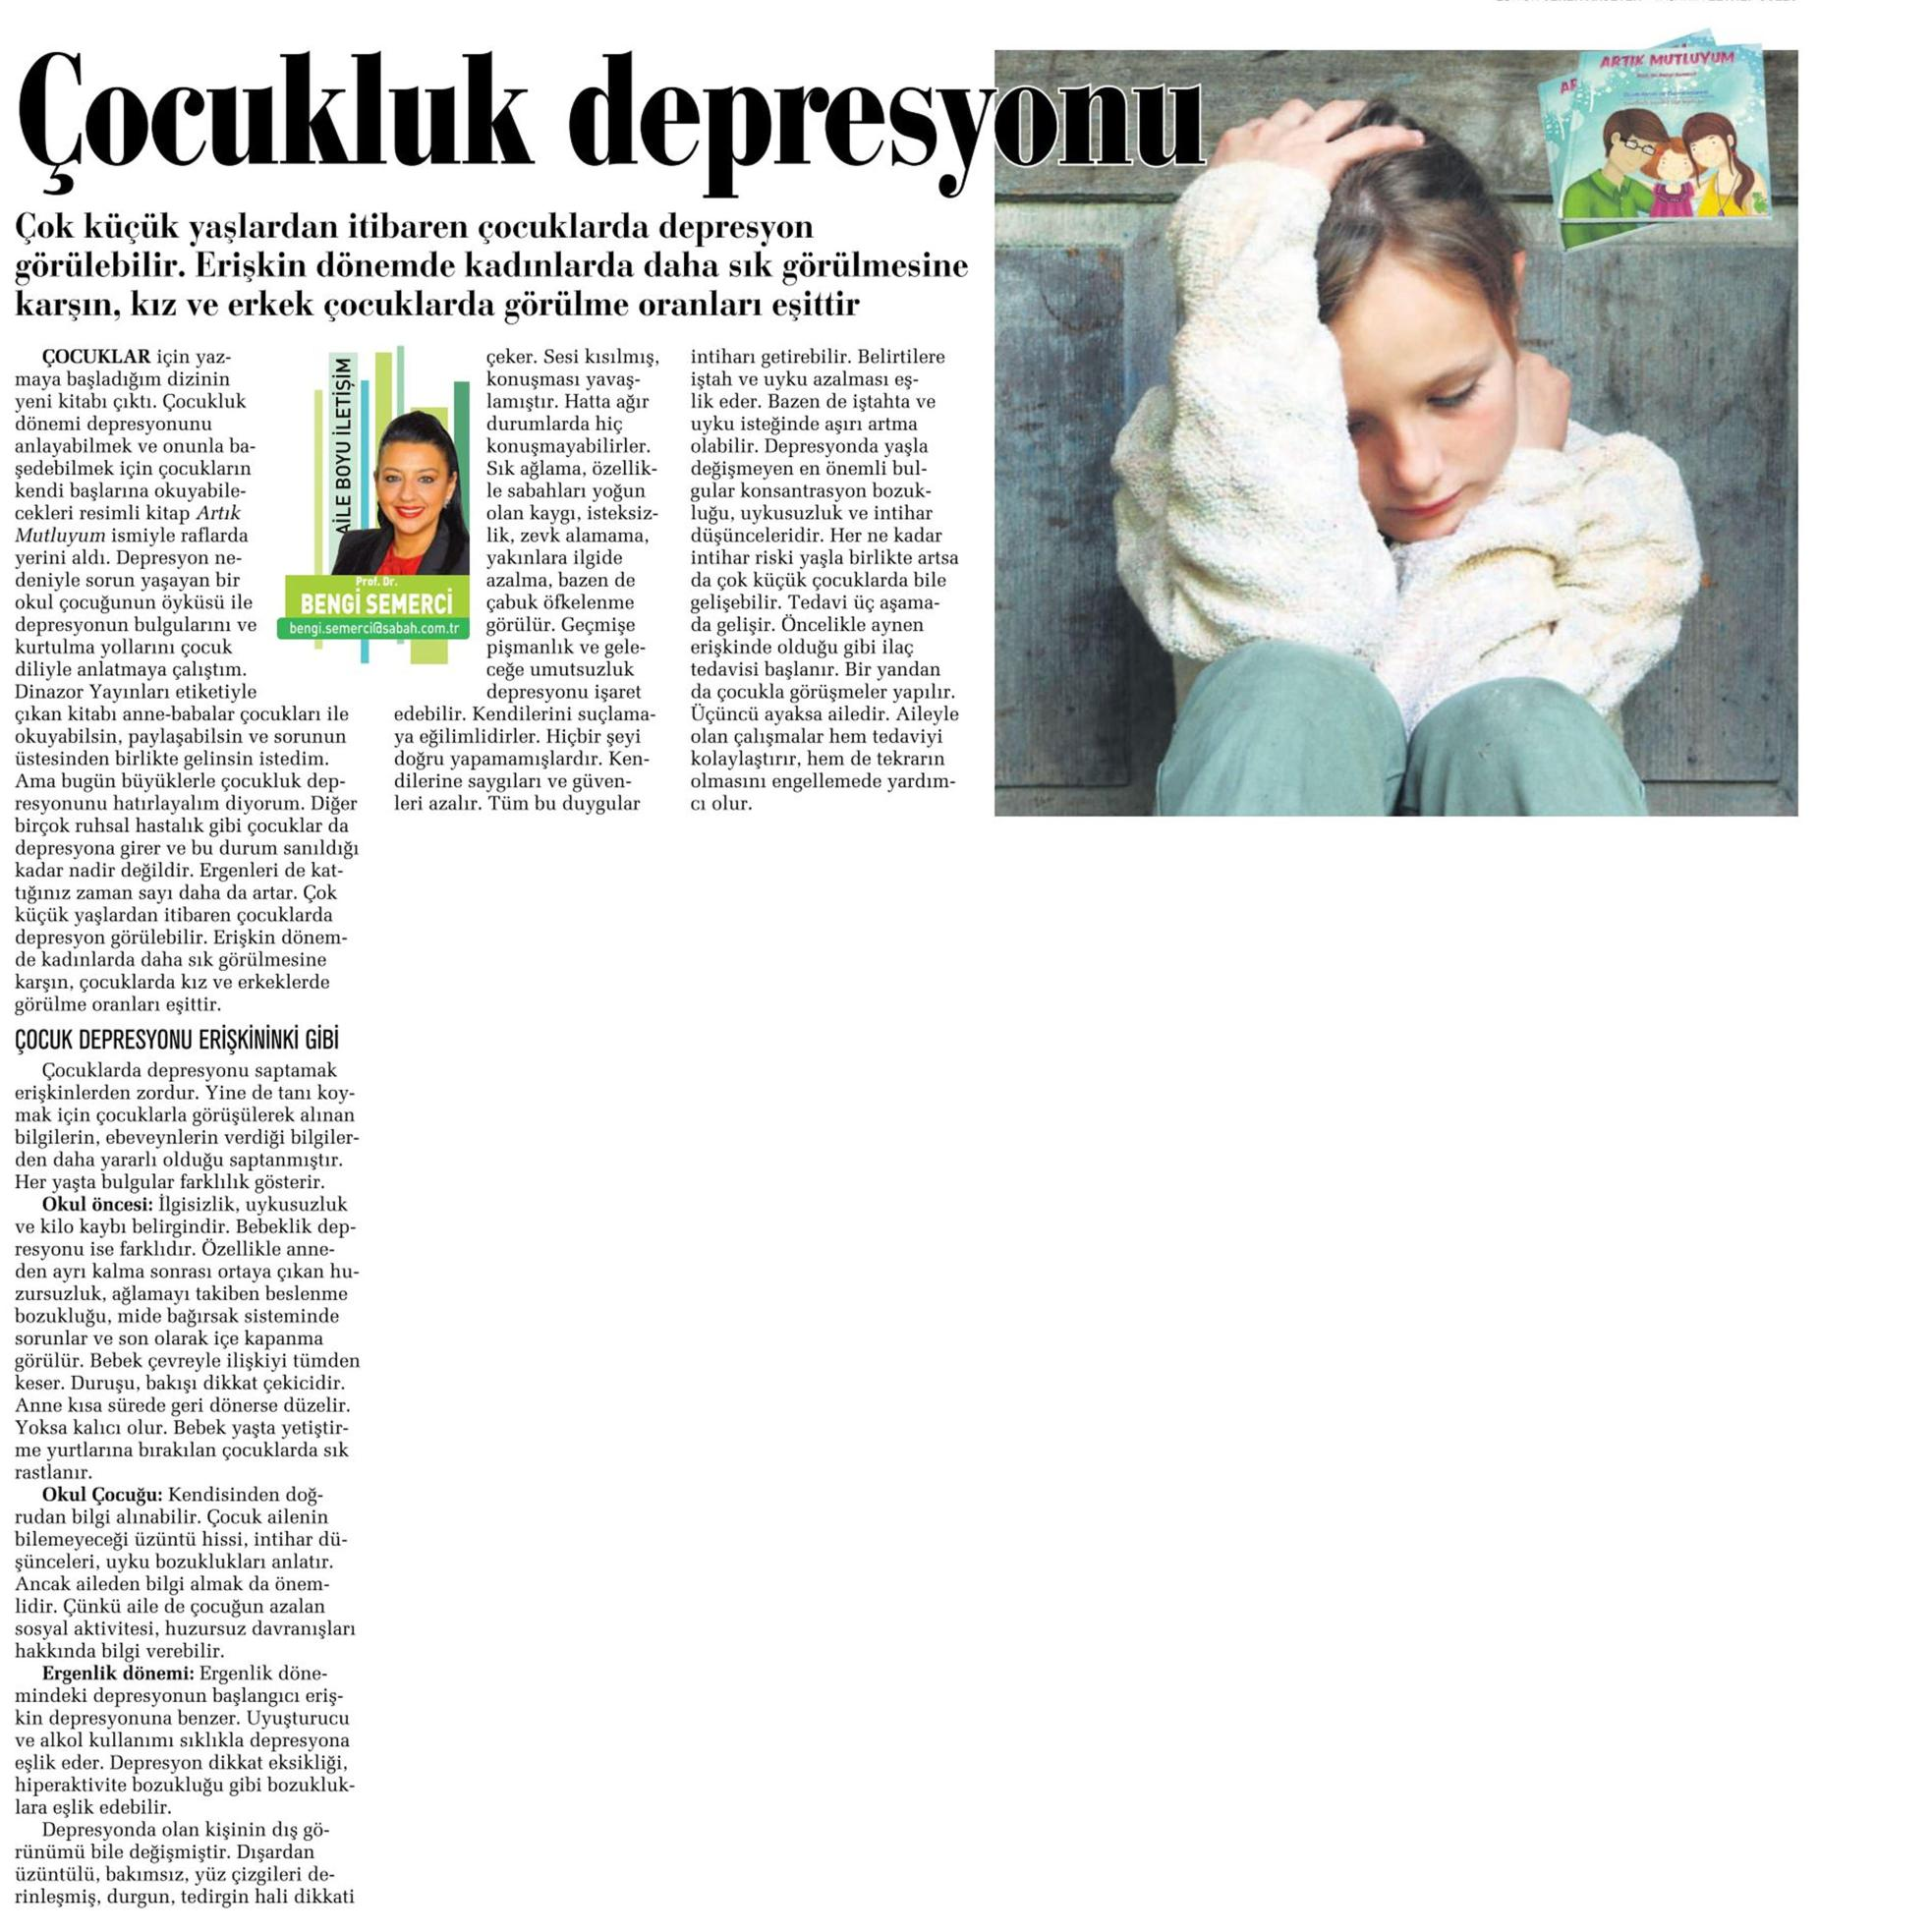 Çocukluk depresyonu - SABAH CUMARTESİ 11.10.2014